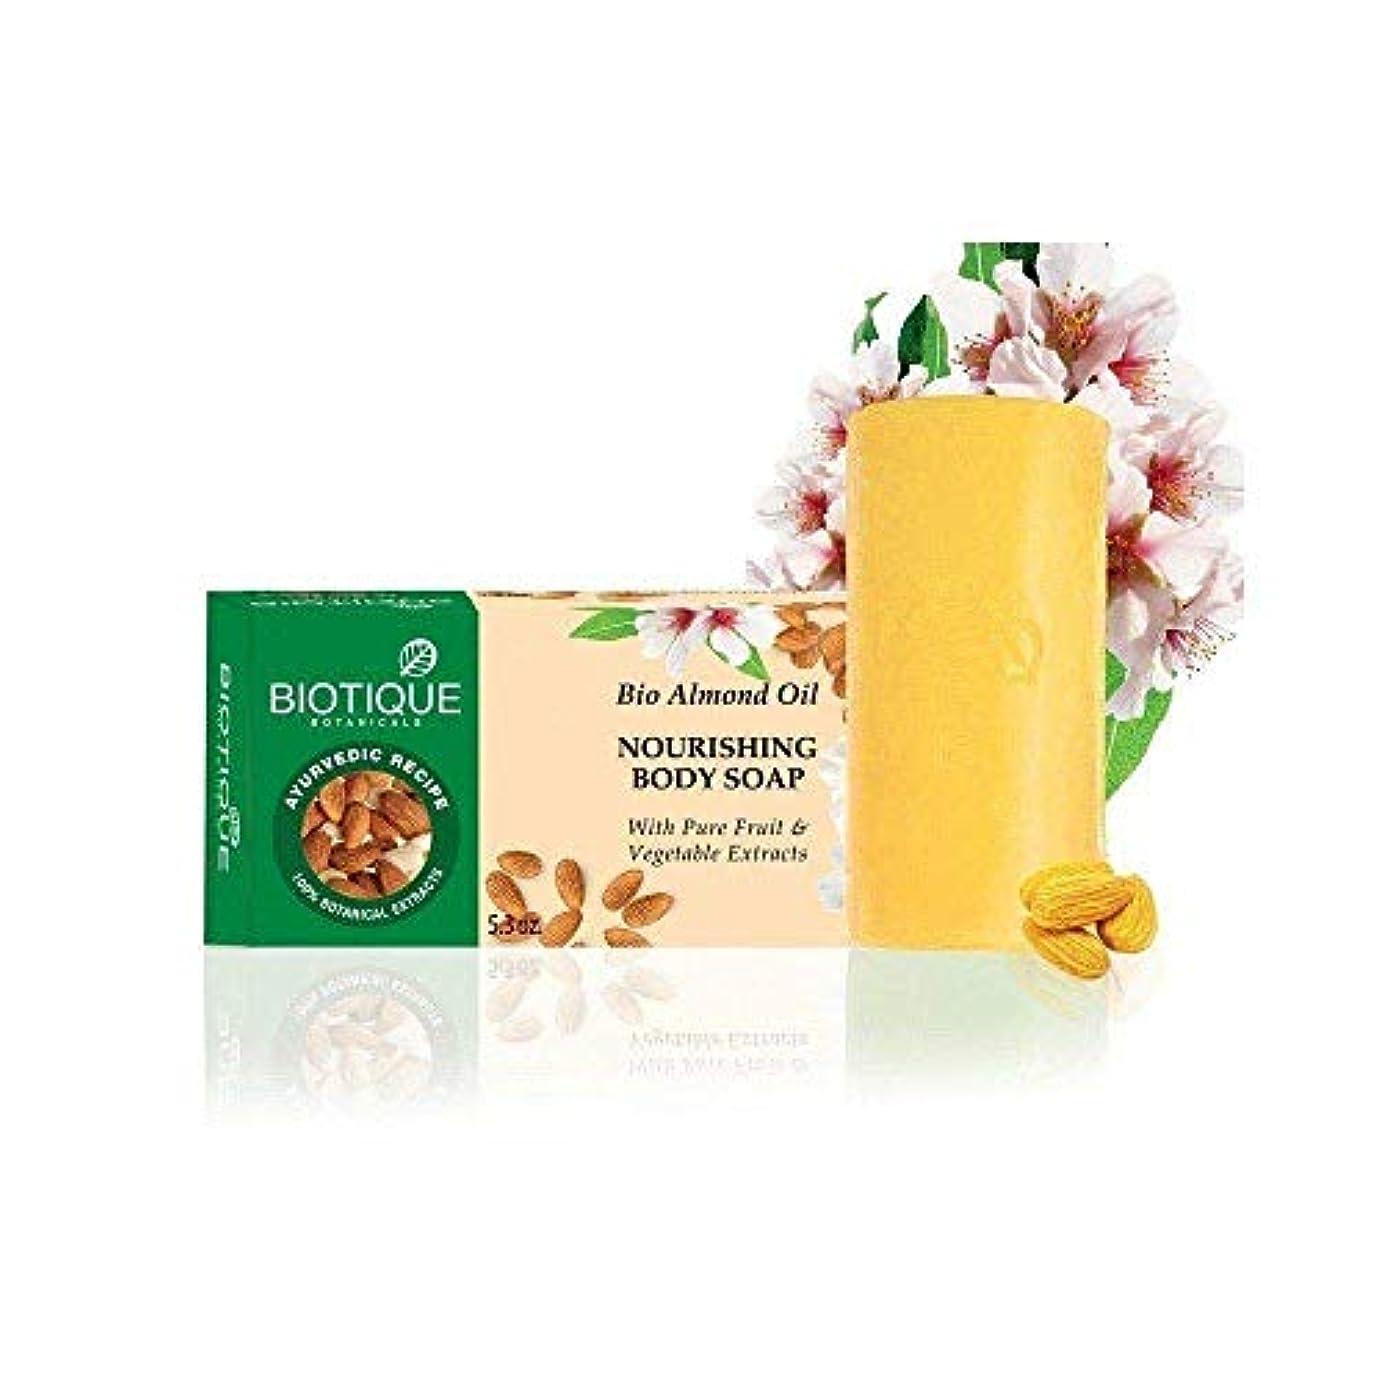 対応する前に名声Biotique Bio Almond Oil Nourishing Body Soap - 150g (Pack of 2) wash Impurities Biotique Bio Almond Oilナリッシングボディソープ...